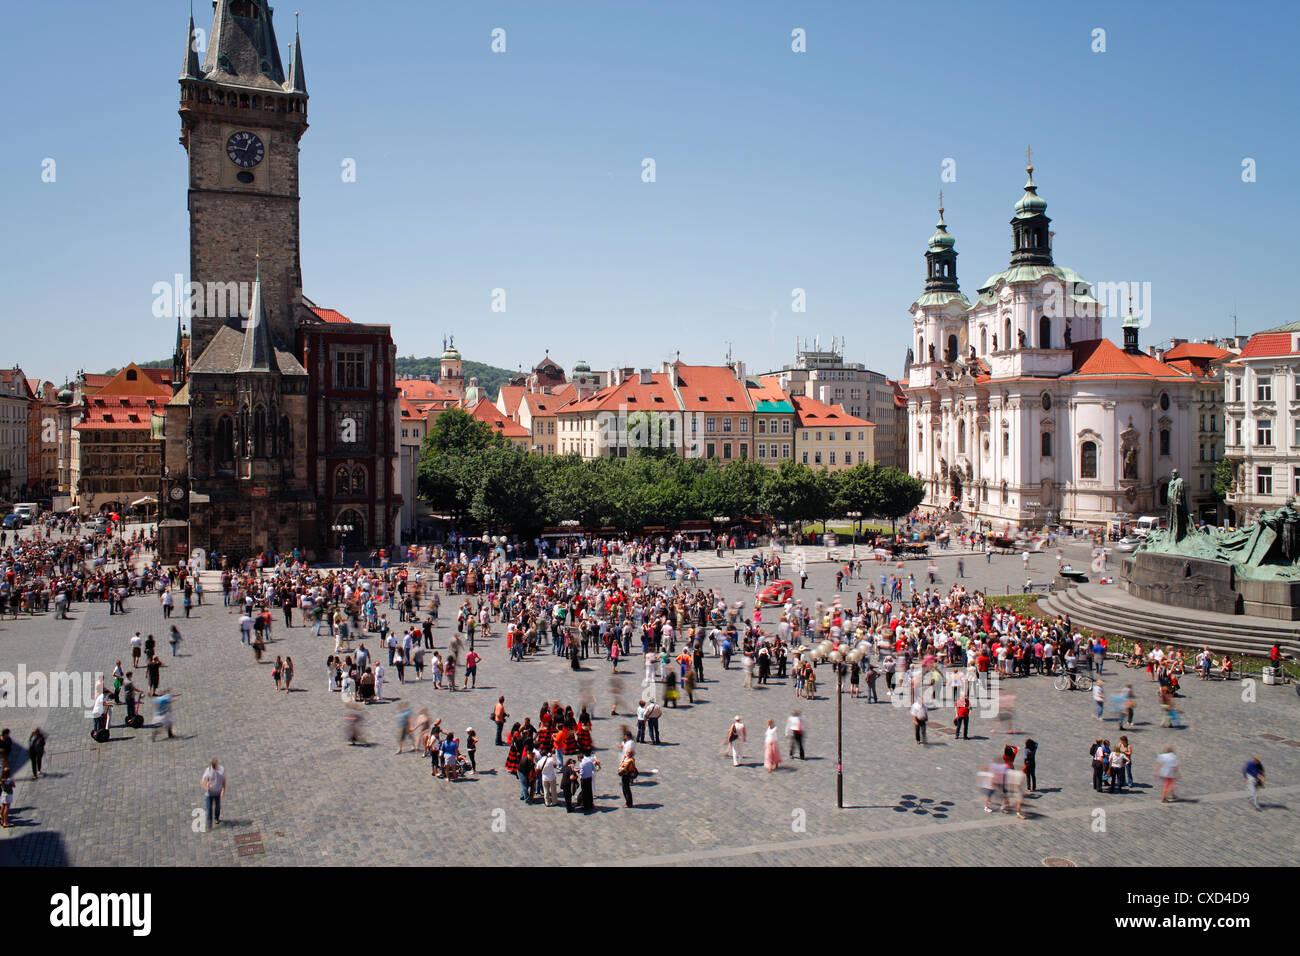 Die Old Town Hall Tower mit der berühmten himmlischen Uhr, Prag, Tschechische Republik, Europa Stockbild